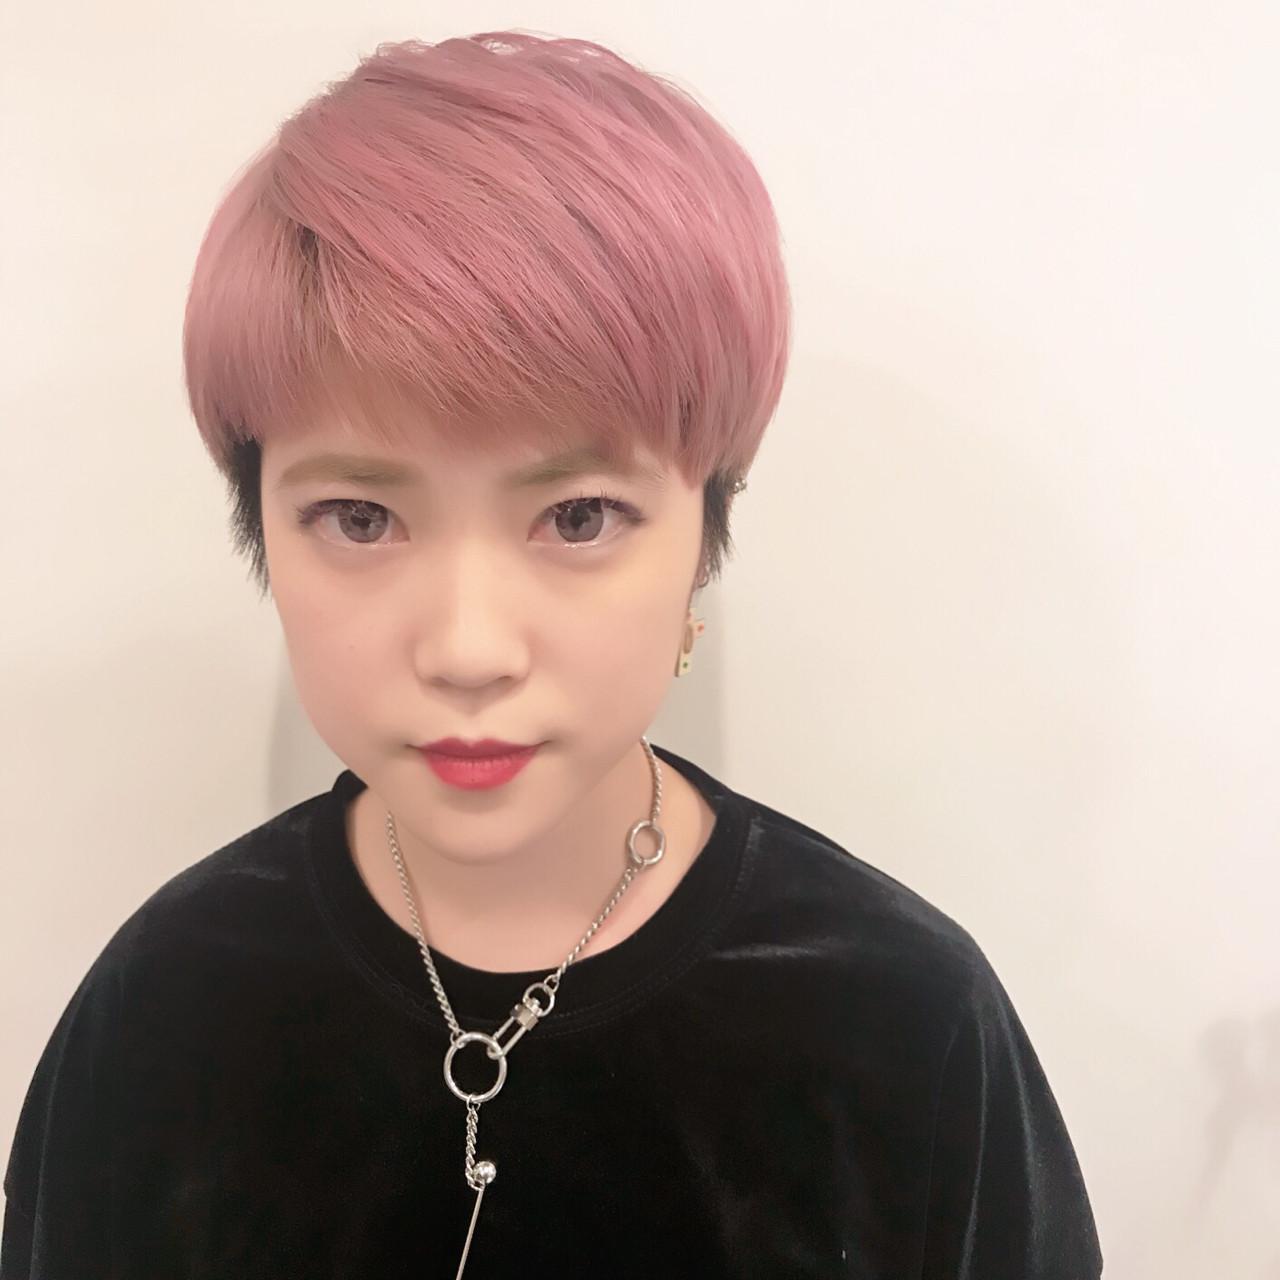 Wカラースタイルです! カラーはペールピンクです♪ 毛先には3Dでショッキングピンクを入れて ピンクを強調しました^ ^